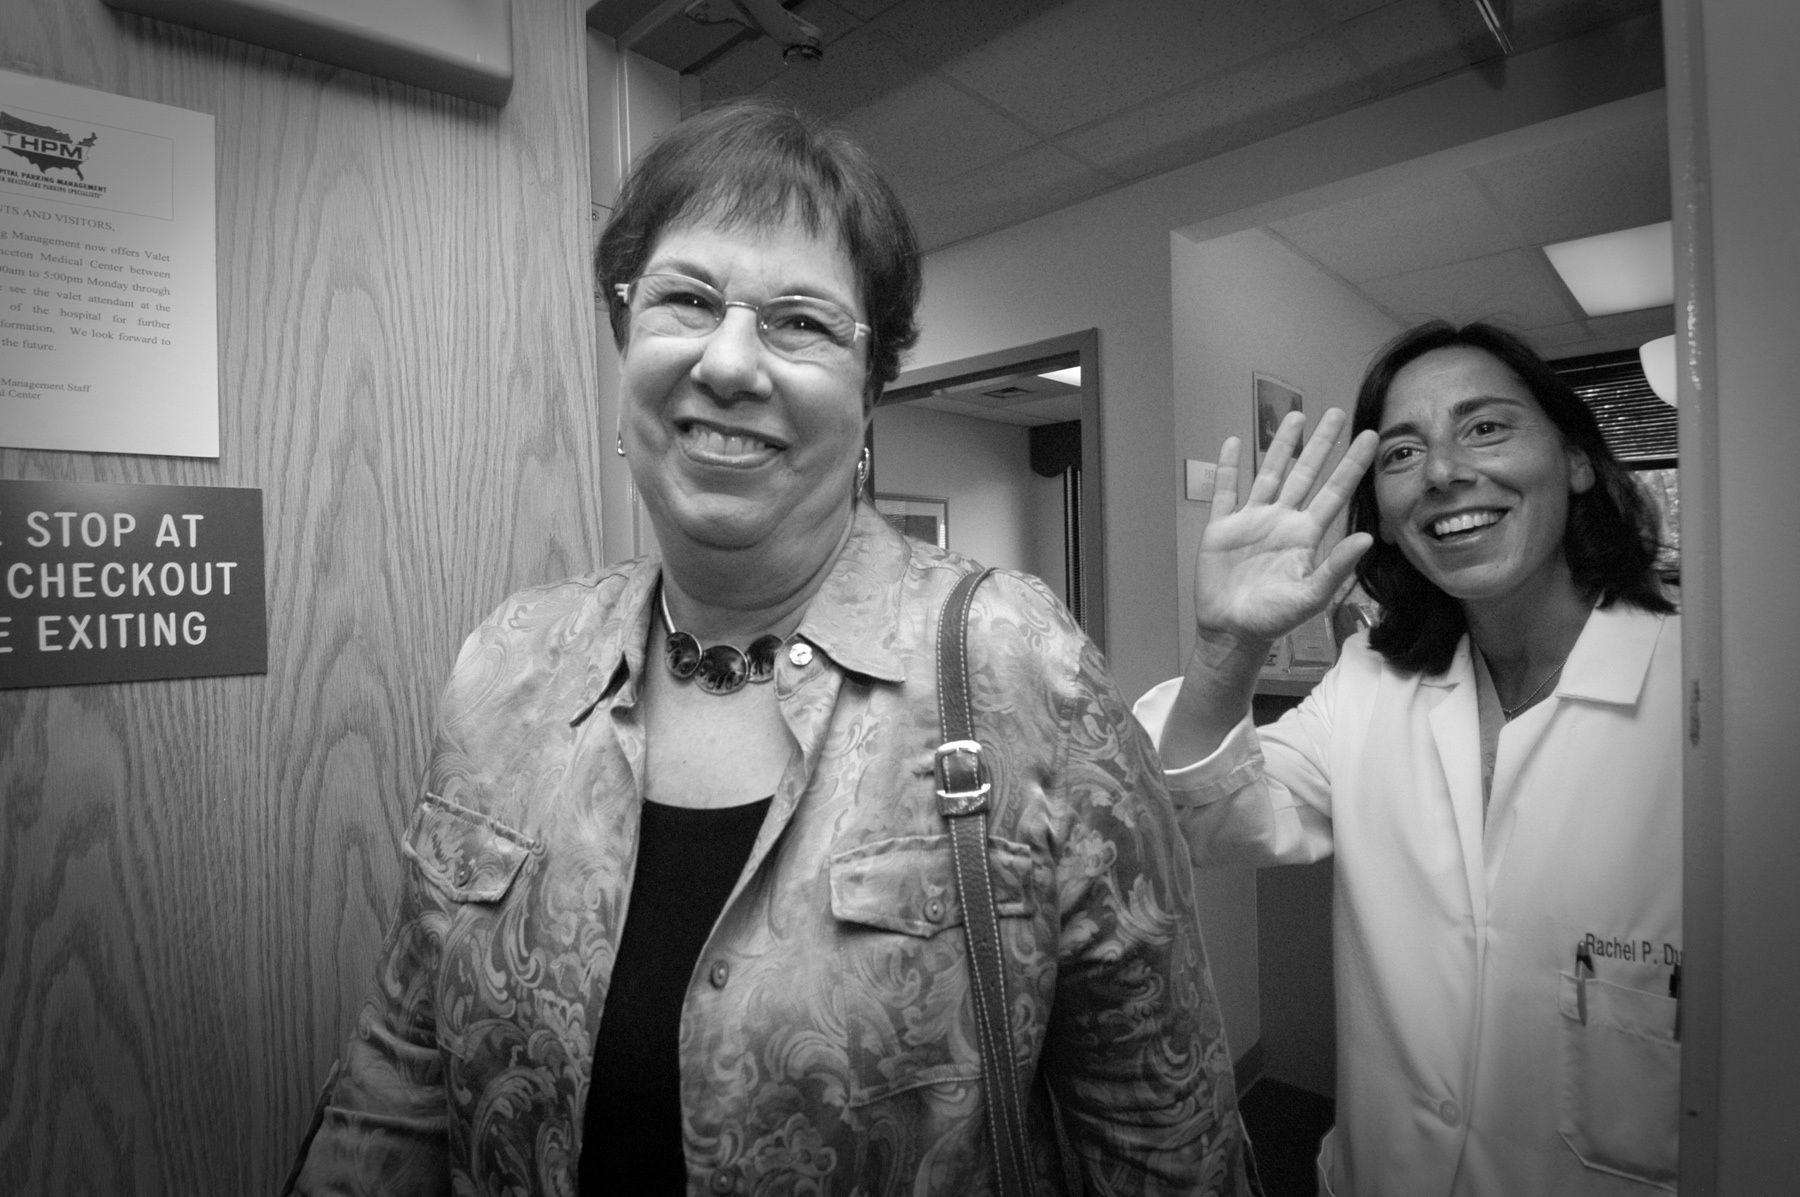 Princeton Hospital - New York Times, 2009